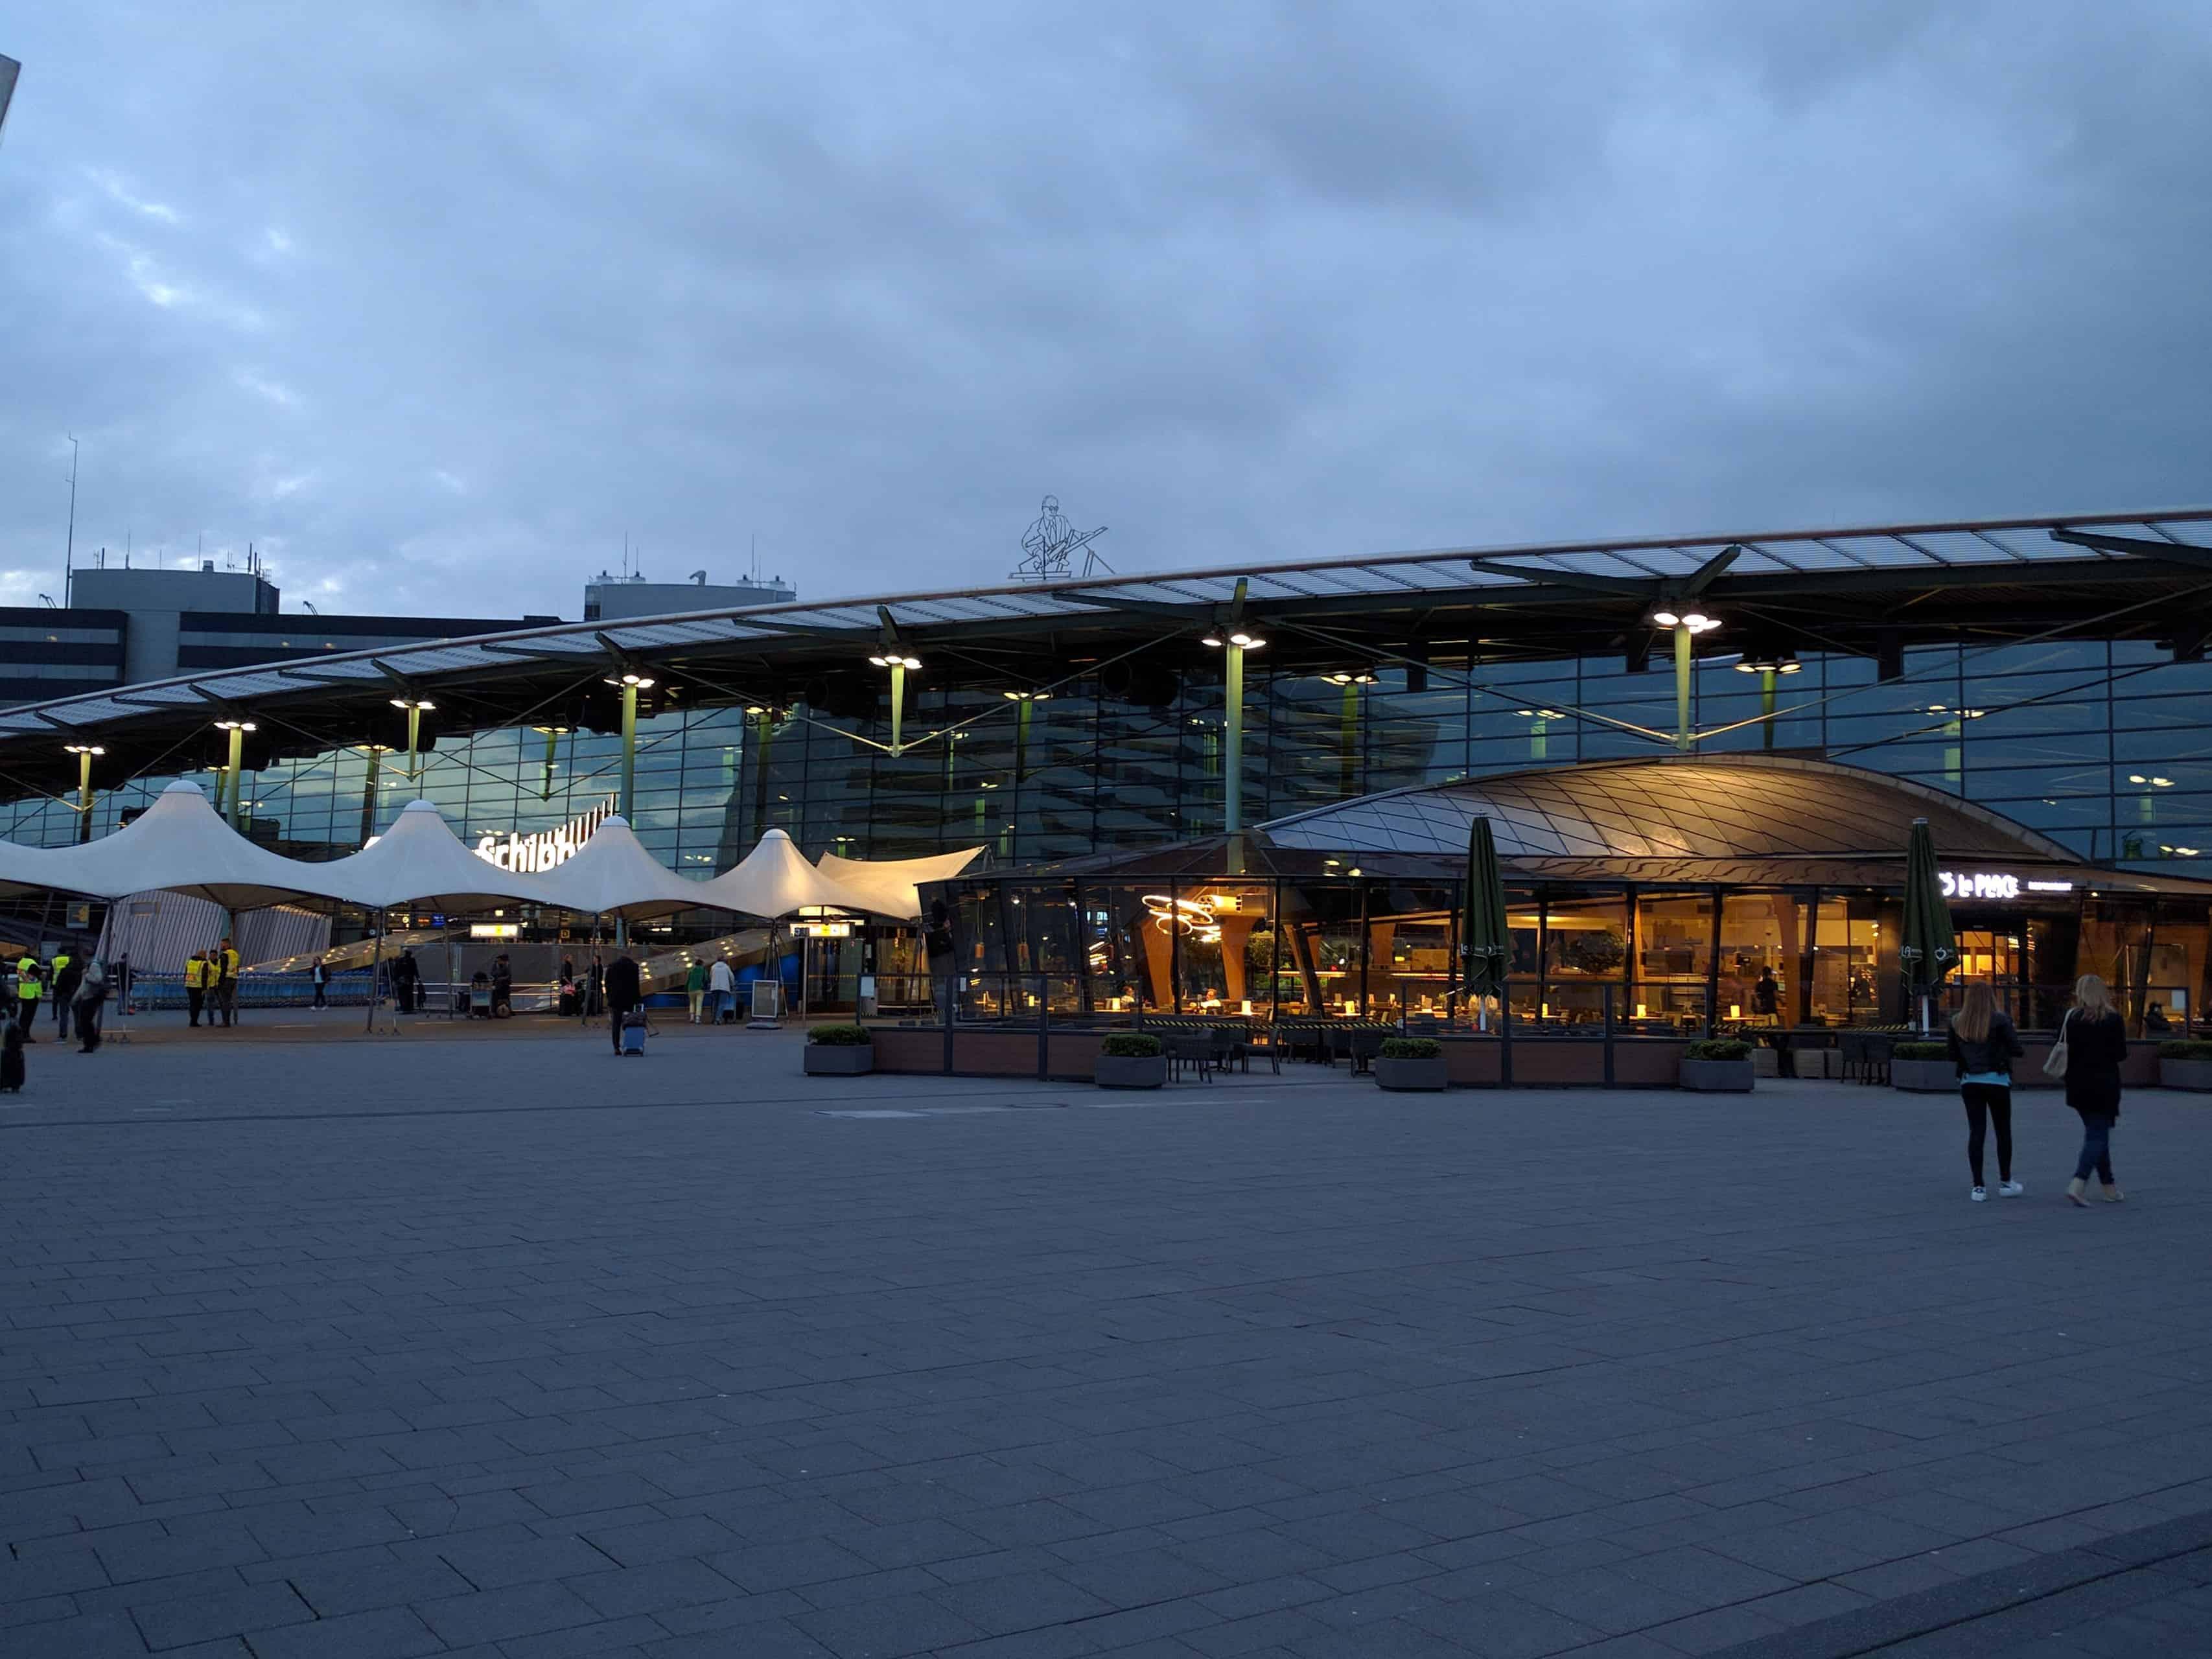 Aeroporto Schiphol: em frente, à noite